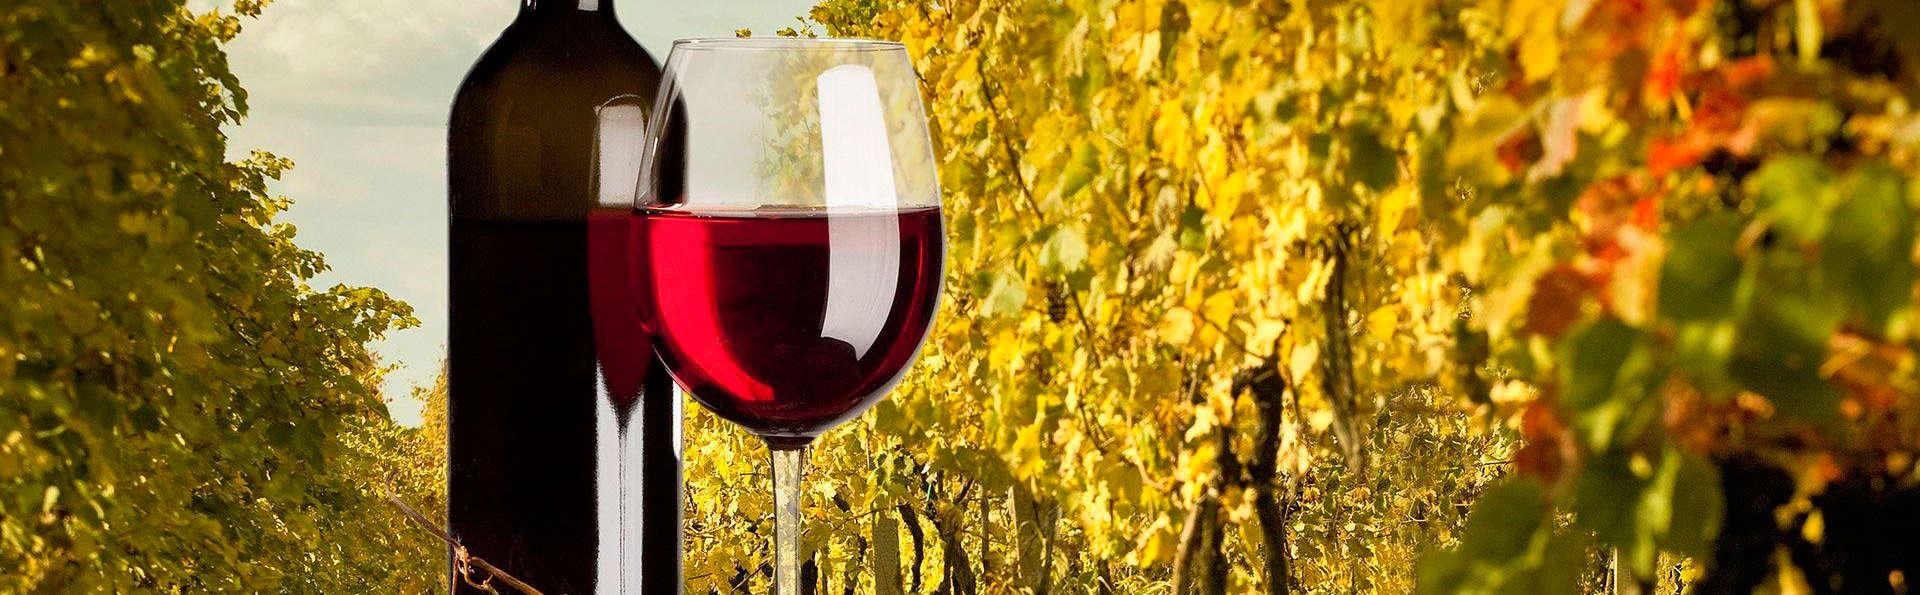 Escapada Enológica en habitación superior con visita a 2 bodegas y cata de vinos Navarros